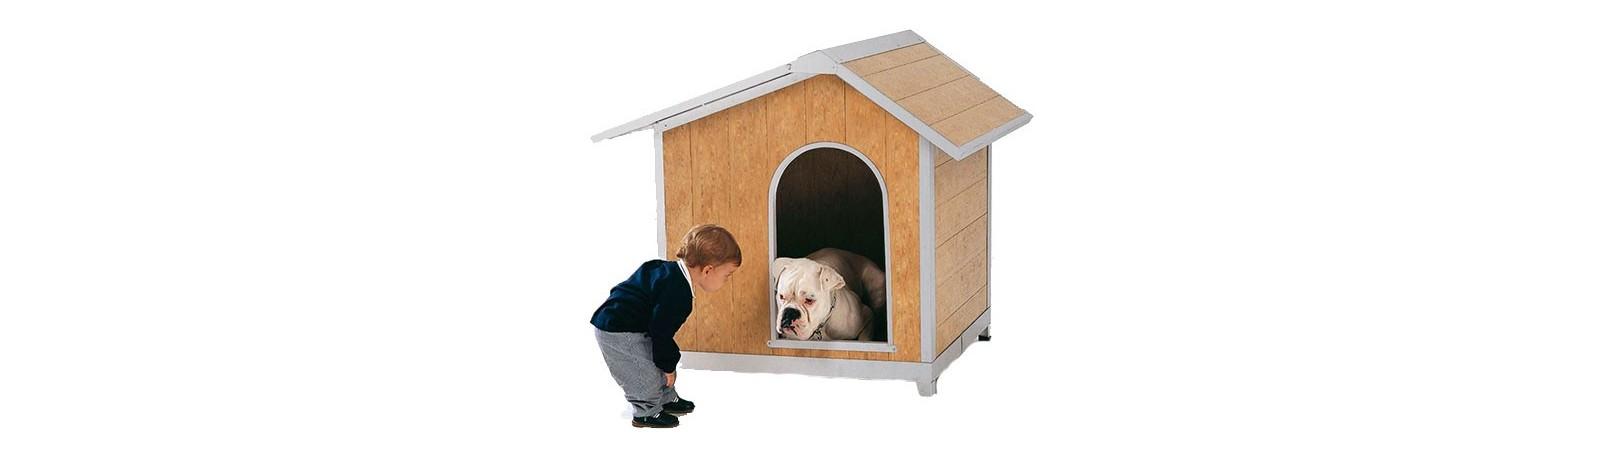 Fabricant de niches pour chiens